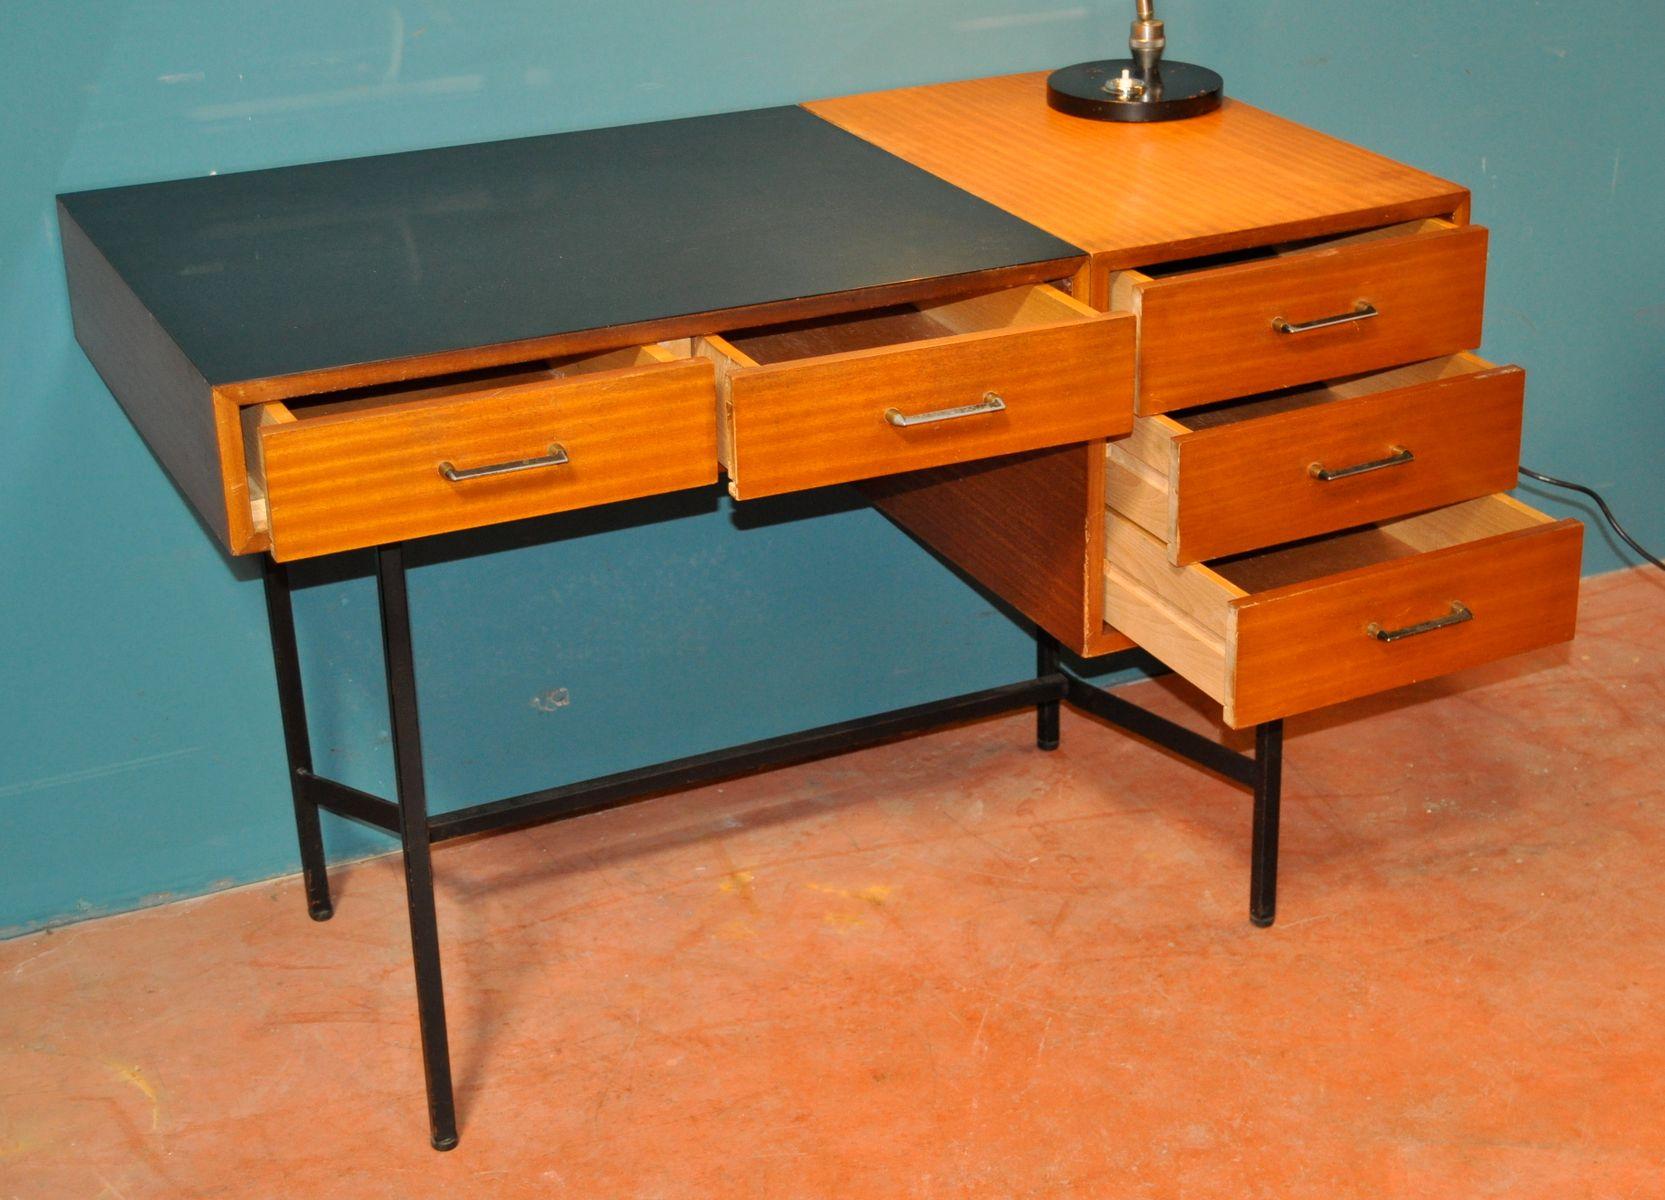 franz scher vintage schreibtisch aus holz und eisen bei pamono kaufen. Black Bedroom Furniture Sets. Home Design Ideas